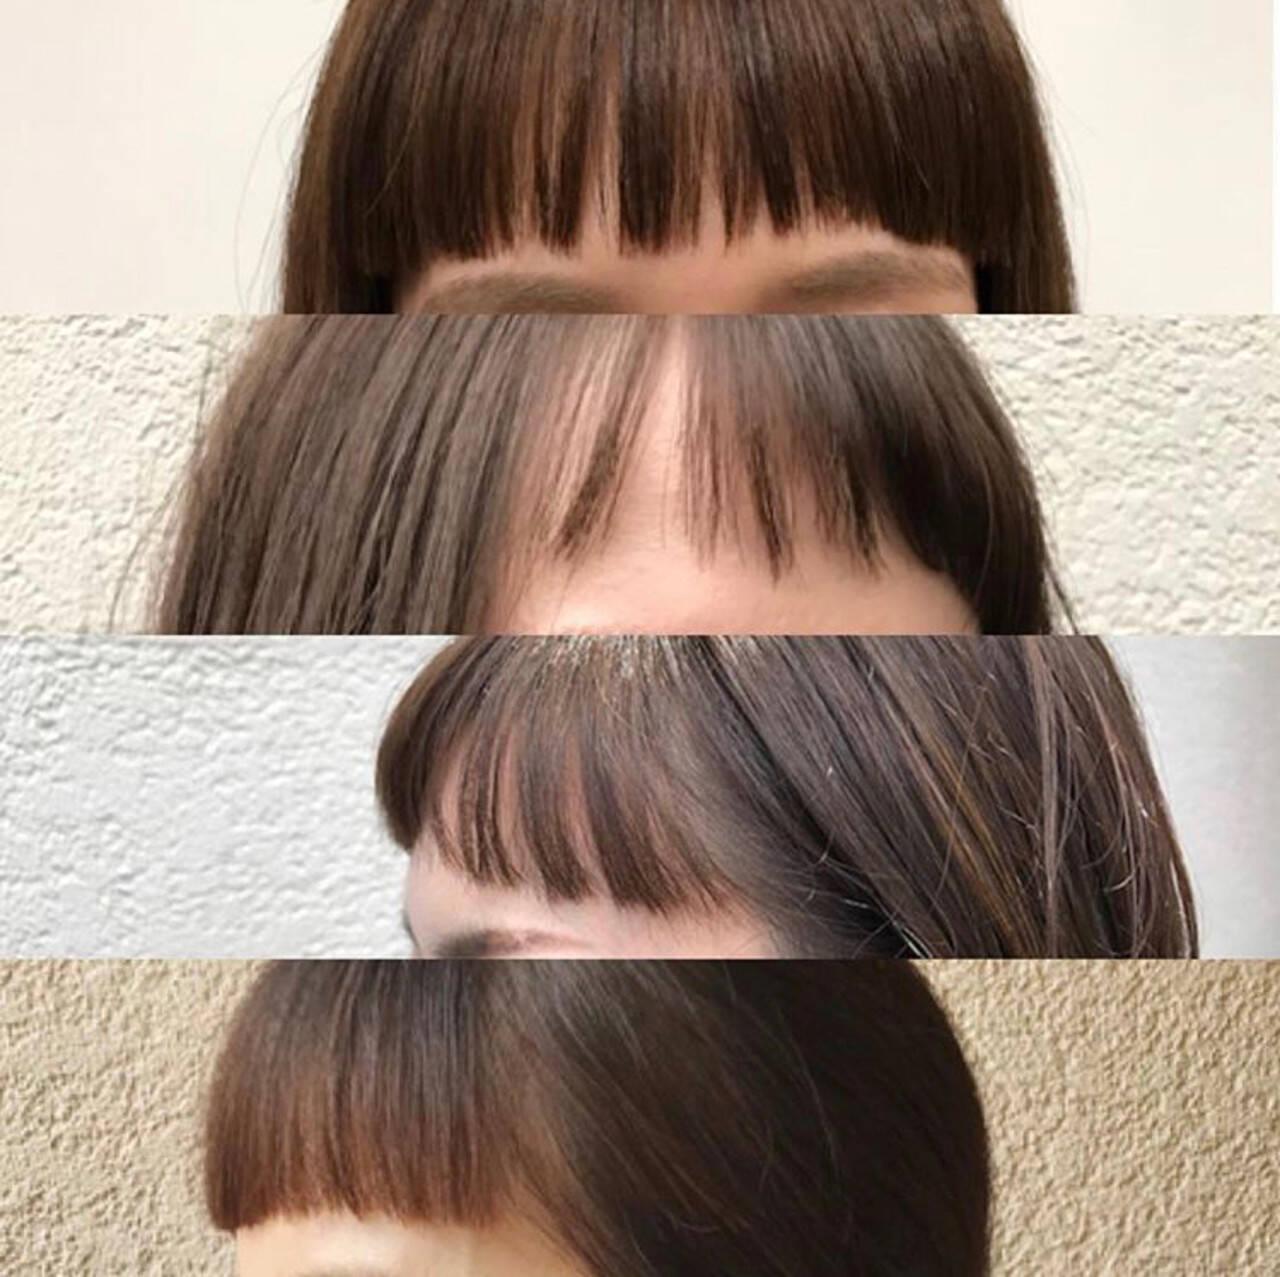 ボブ 斜め前髪 前髪パッツン 前髪ありヘアスタイルや髪型の写真・画像